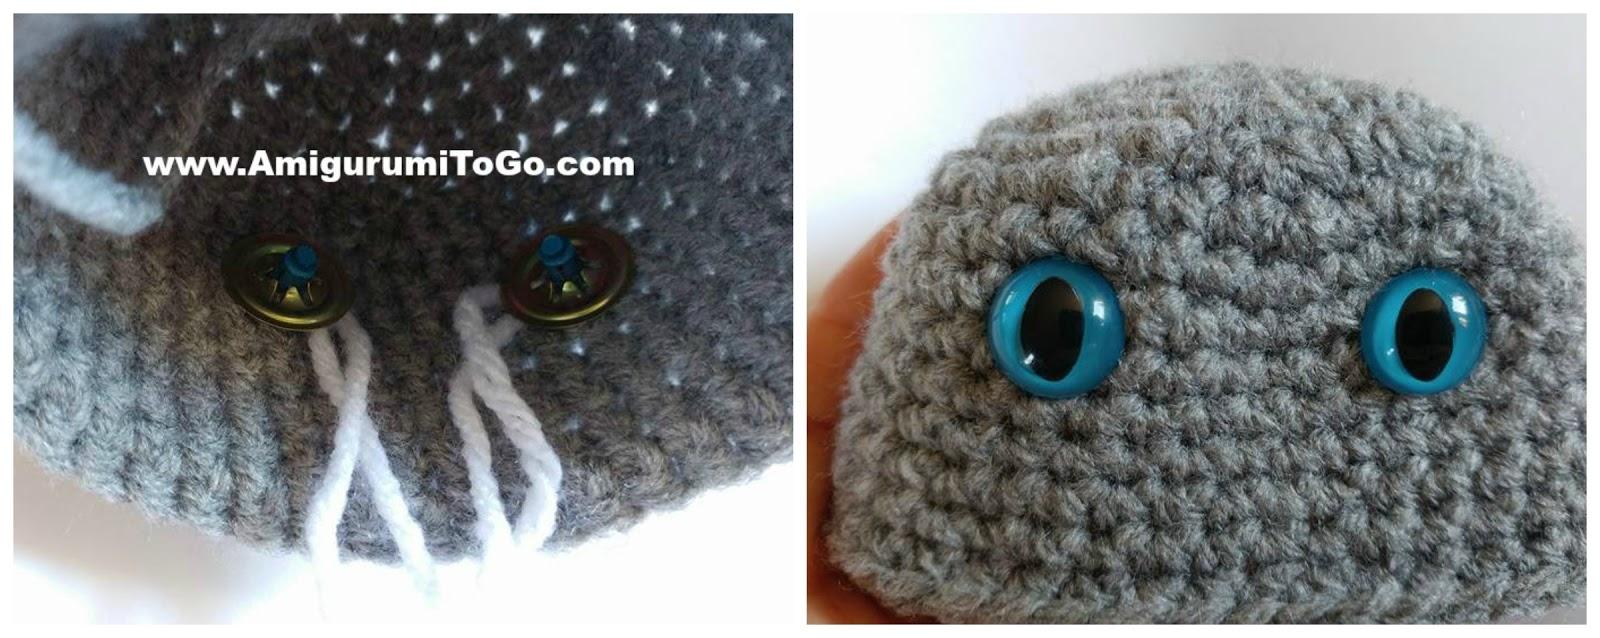 Needlesculpting for Amigurumi   PlanetJune by June Gilbank: Blog   638x1600